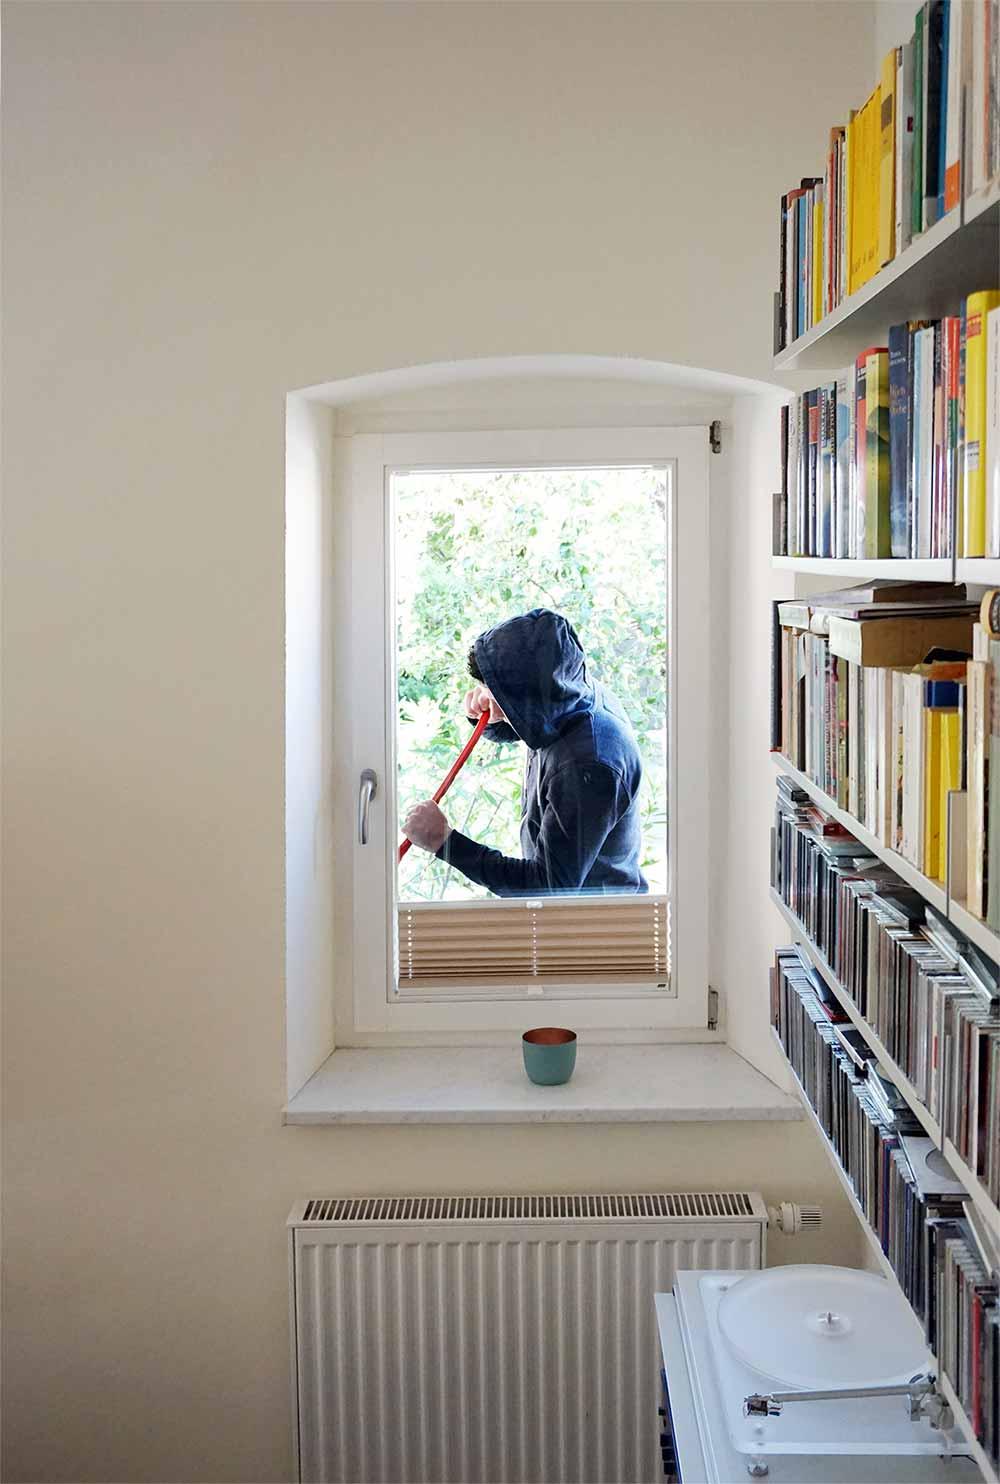 Einbruchschutz f r ihr zuhause wir zeigen wie daitem - Fenster putzen bei auszug ...